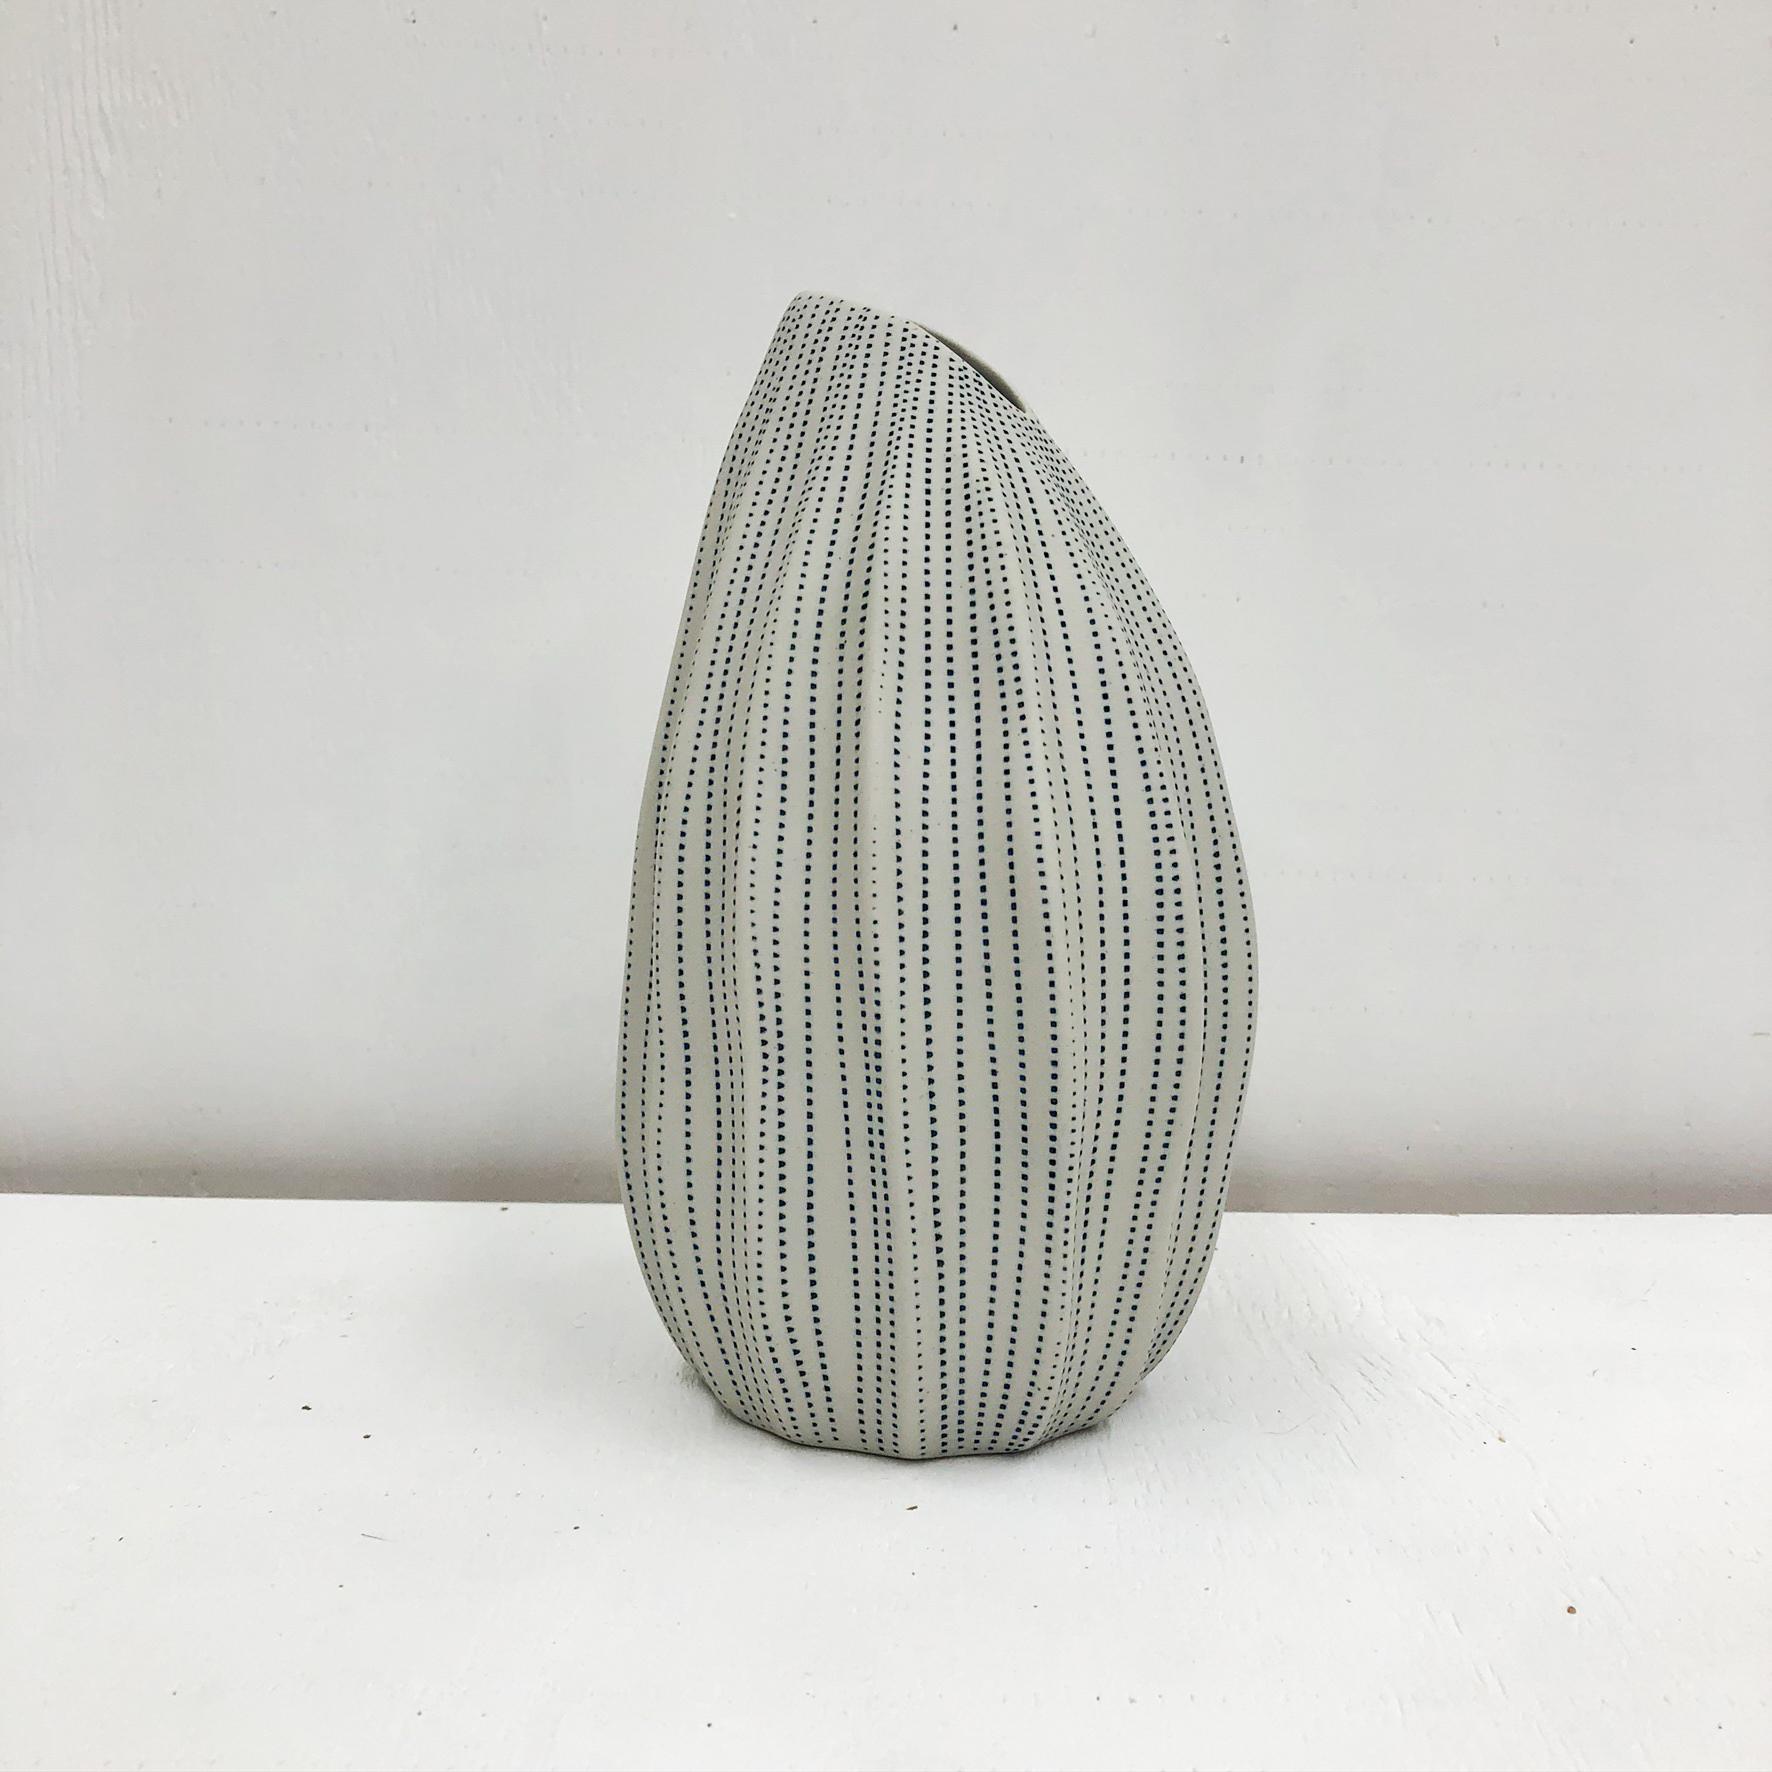 Seda S Handmade Vase - White & Blue Dots